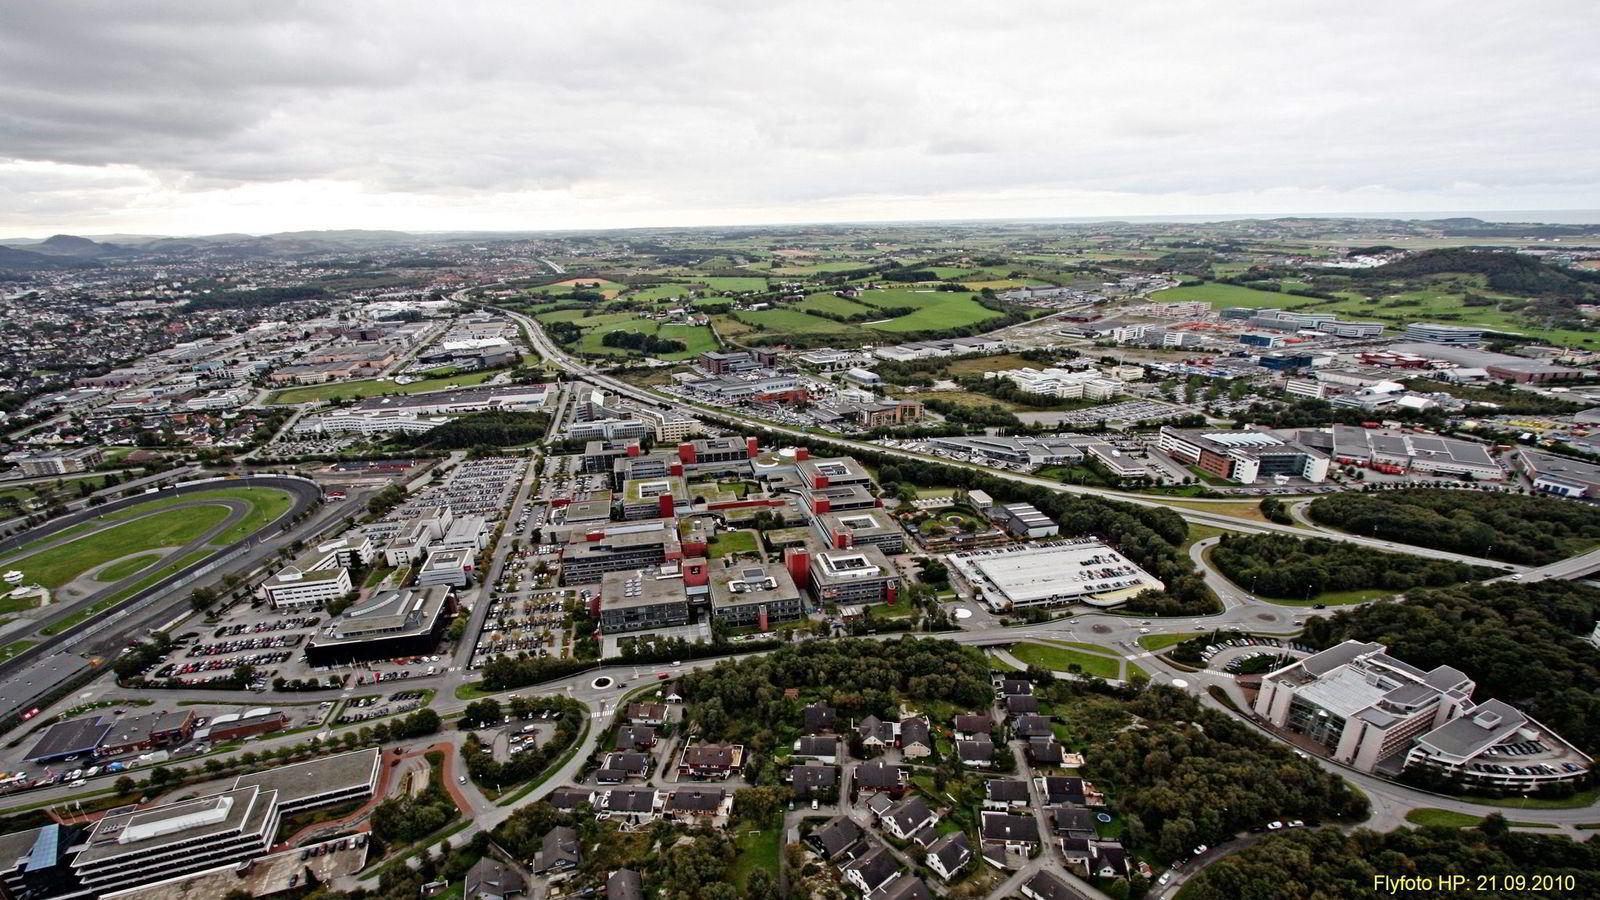 Leieprisene for kontorlokaler har vært i fritt fall i det oljetunge næringsområdet Forus i Stavanger siden oljeprisen begynte å falle for halvannet år siden.